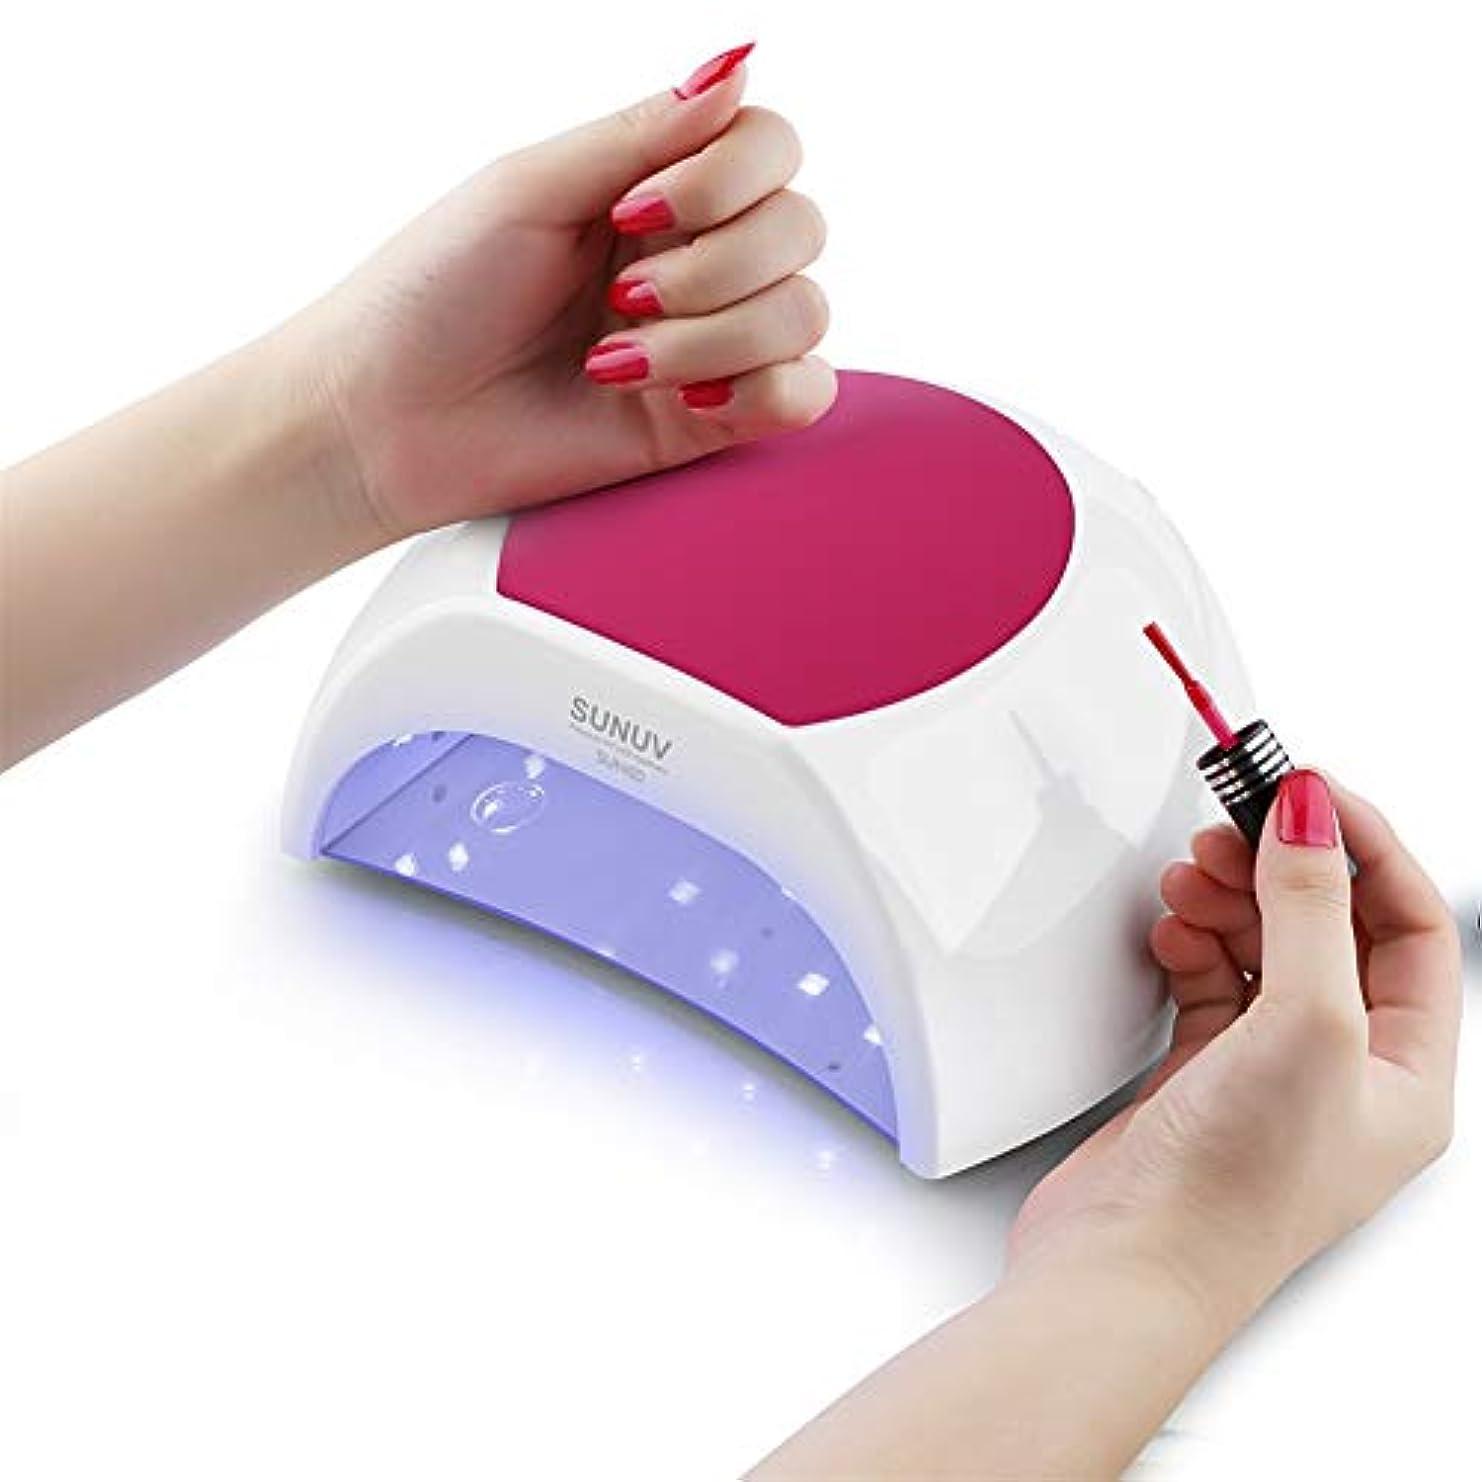 伝説シロクマ政治家48WネイルランプUV LEDネイルドライヤーUV LEDジェルネイルドライヤーローズセンサー付き赤外線センサーサロン使用